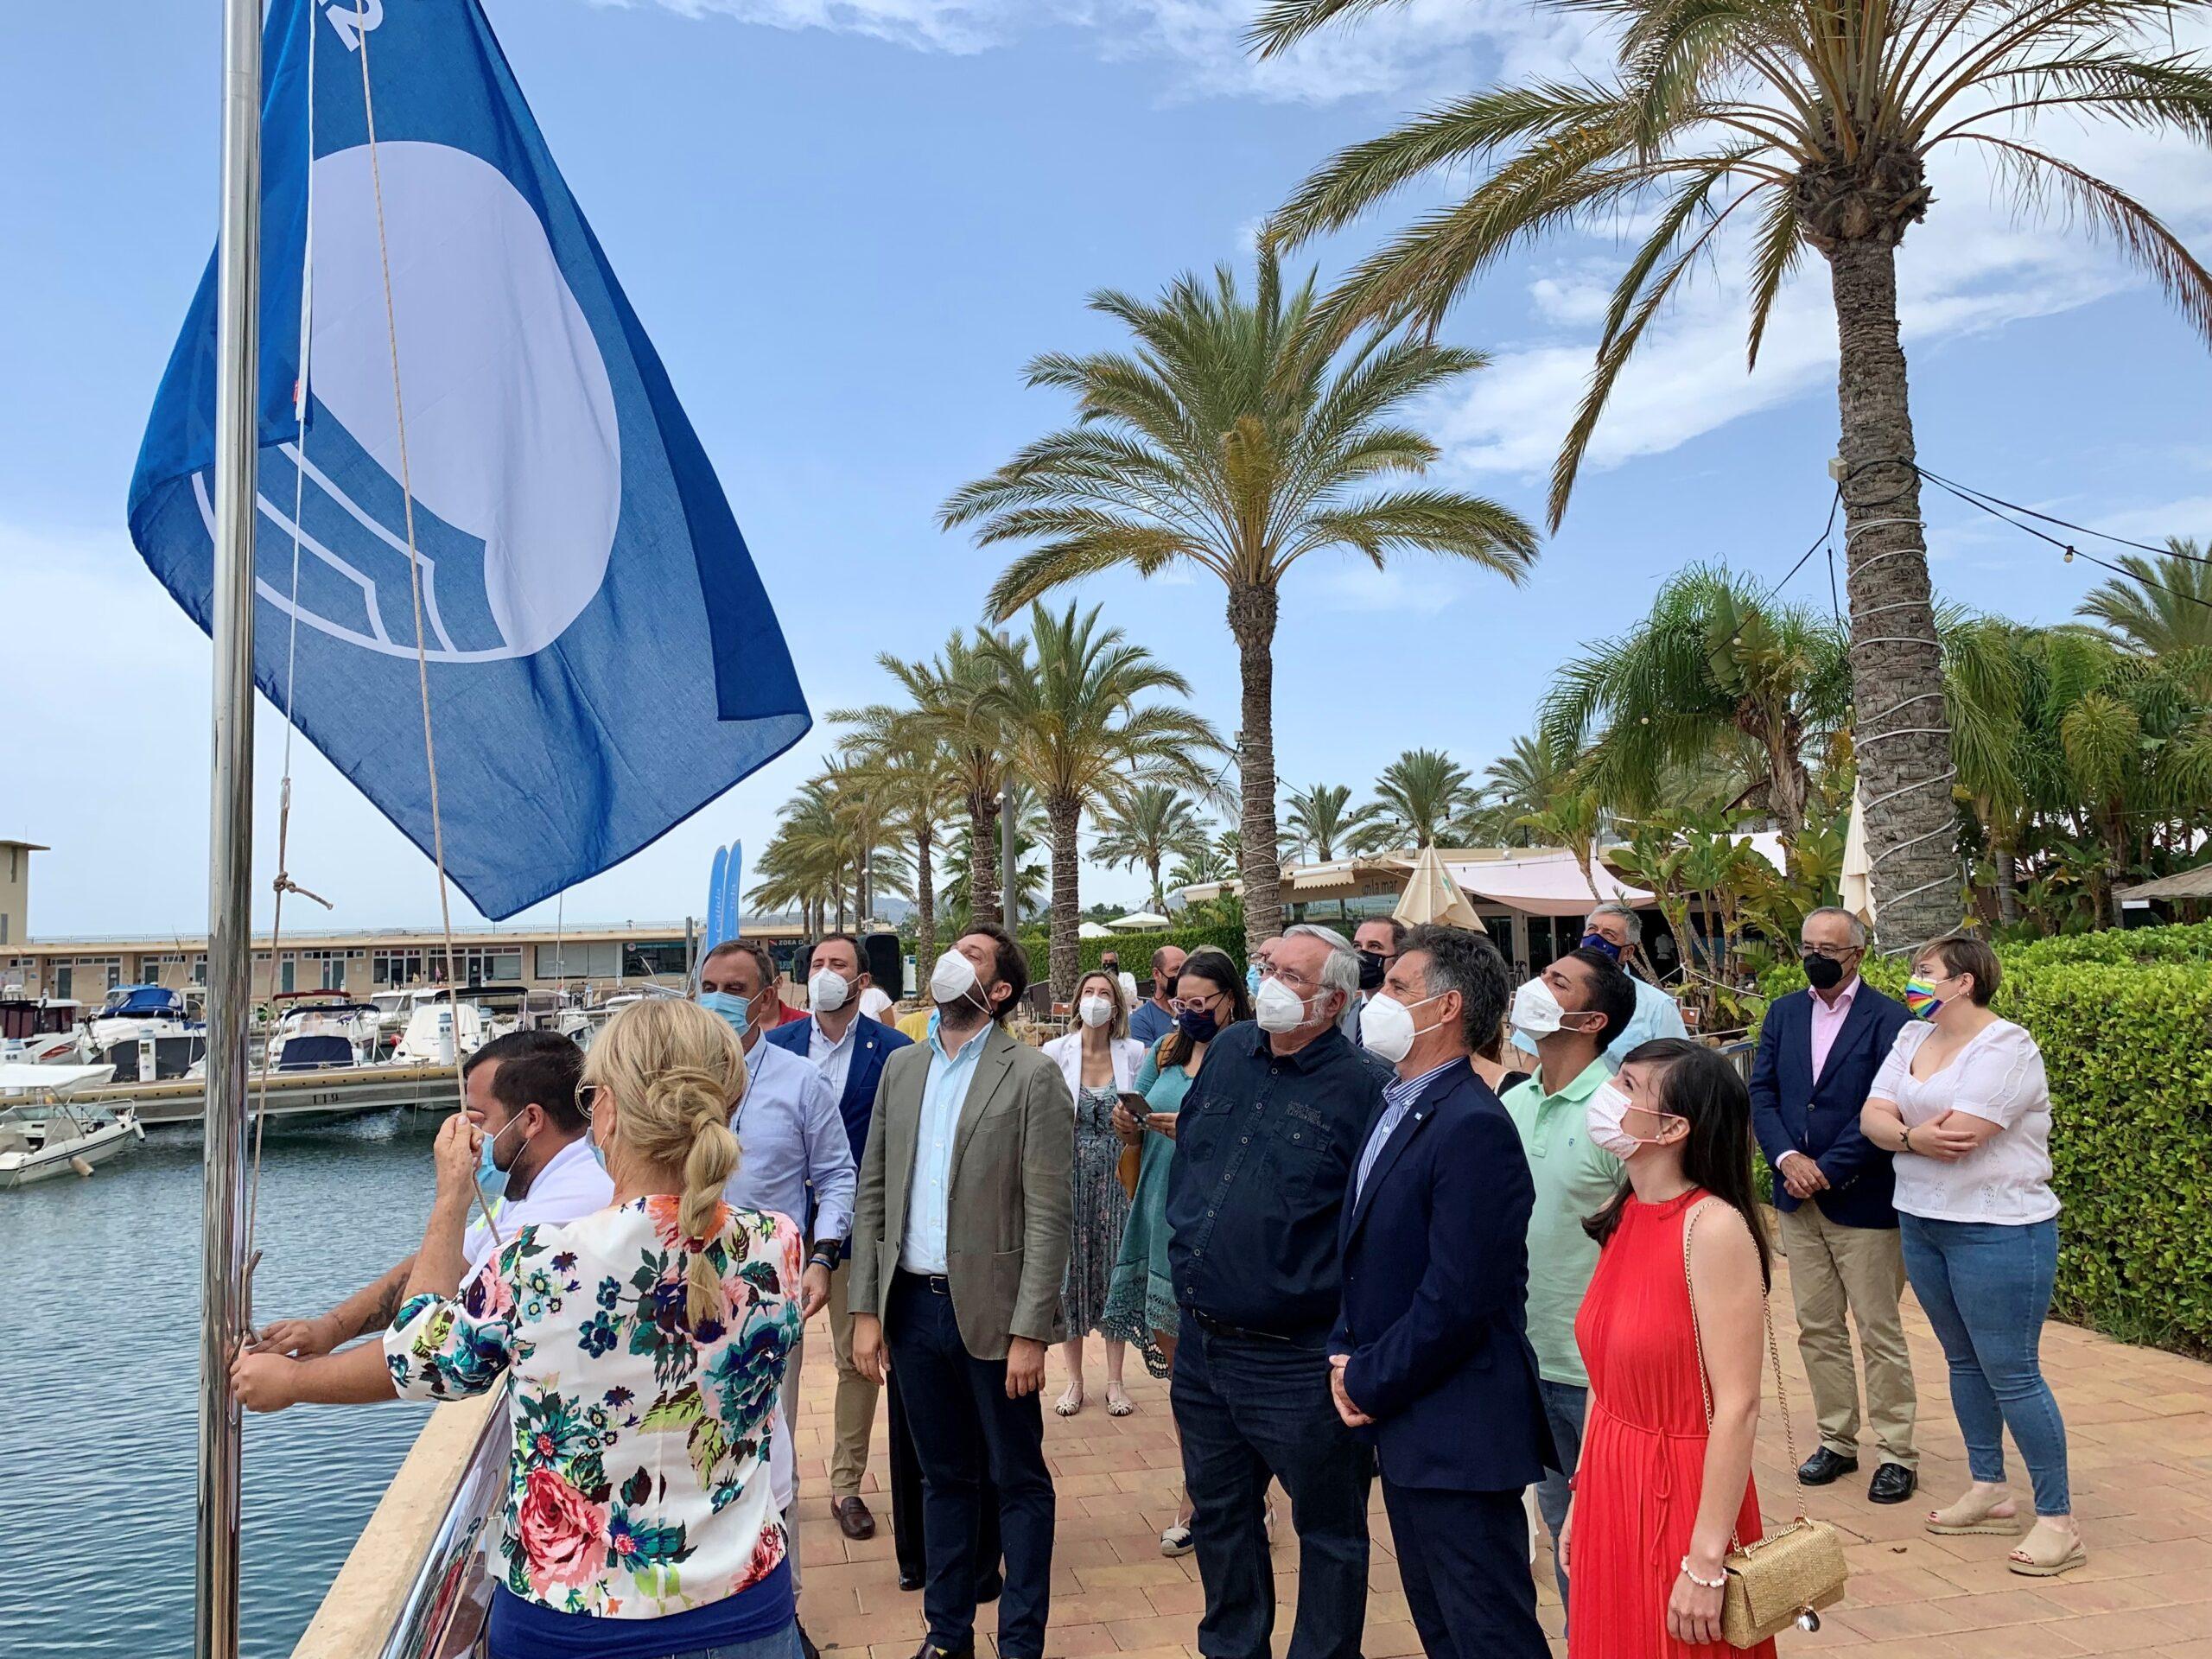 Águilas acoge el acto de entrega de banderas azules de la Región de Murcia